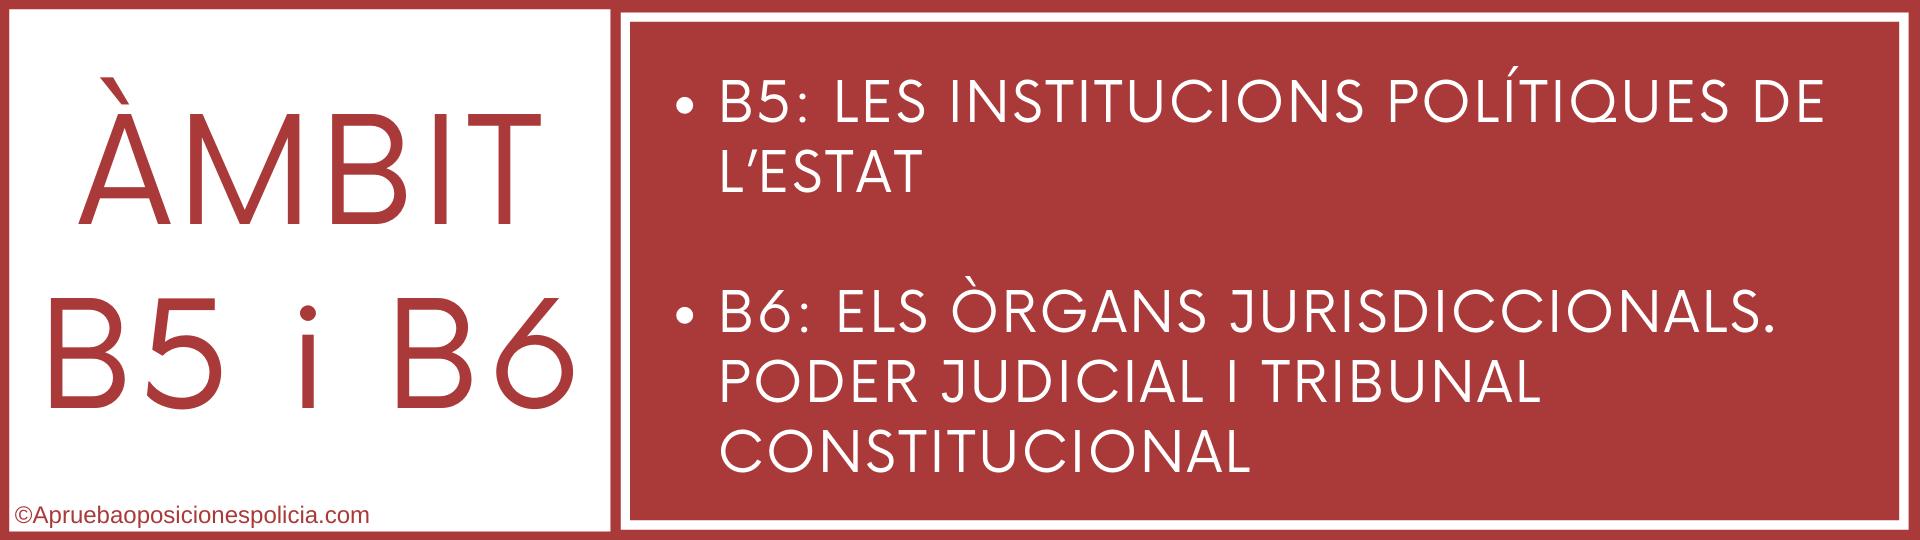 Tema b5 y b6 Mossos institucions politiques estat i organs jurisdiccionals tribunal constitucional